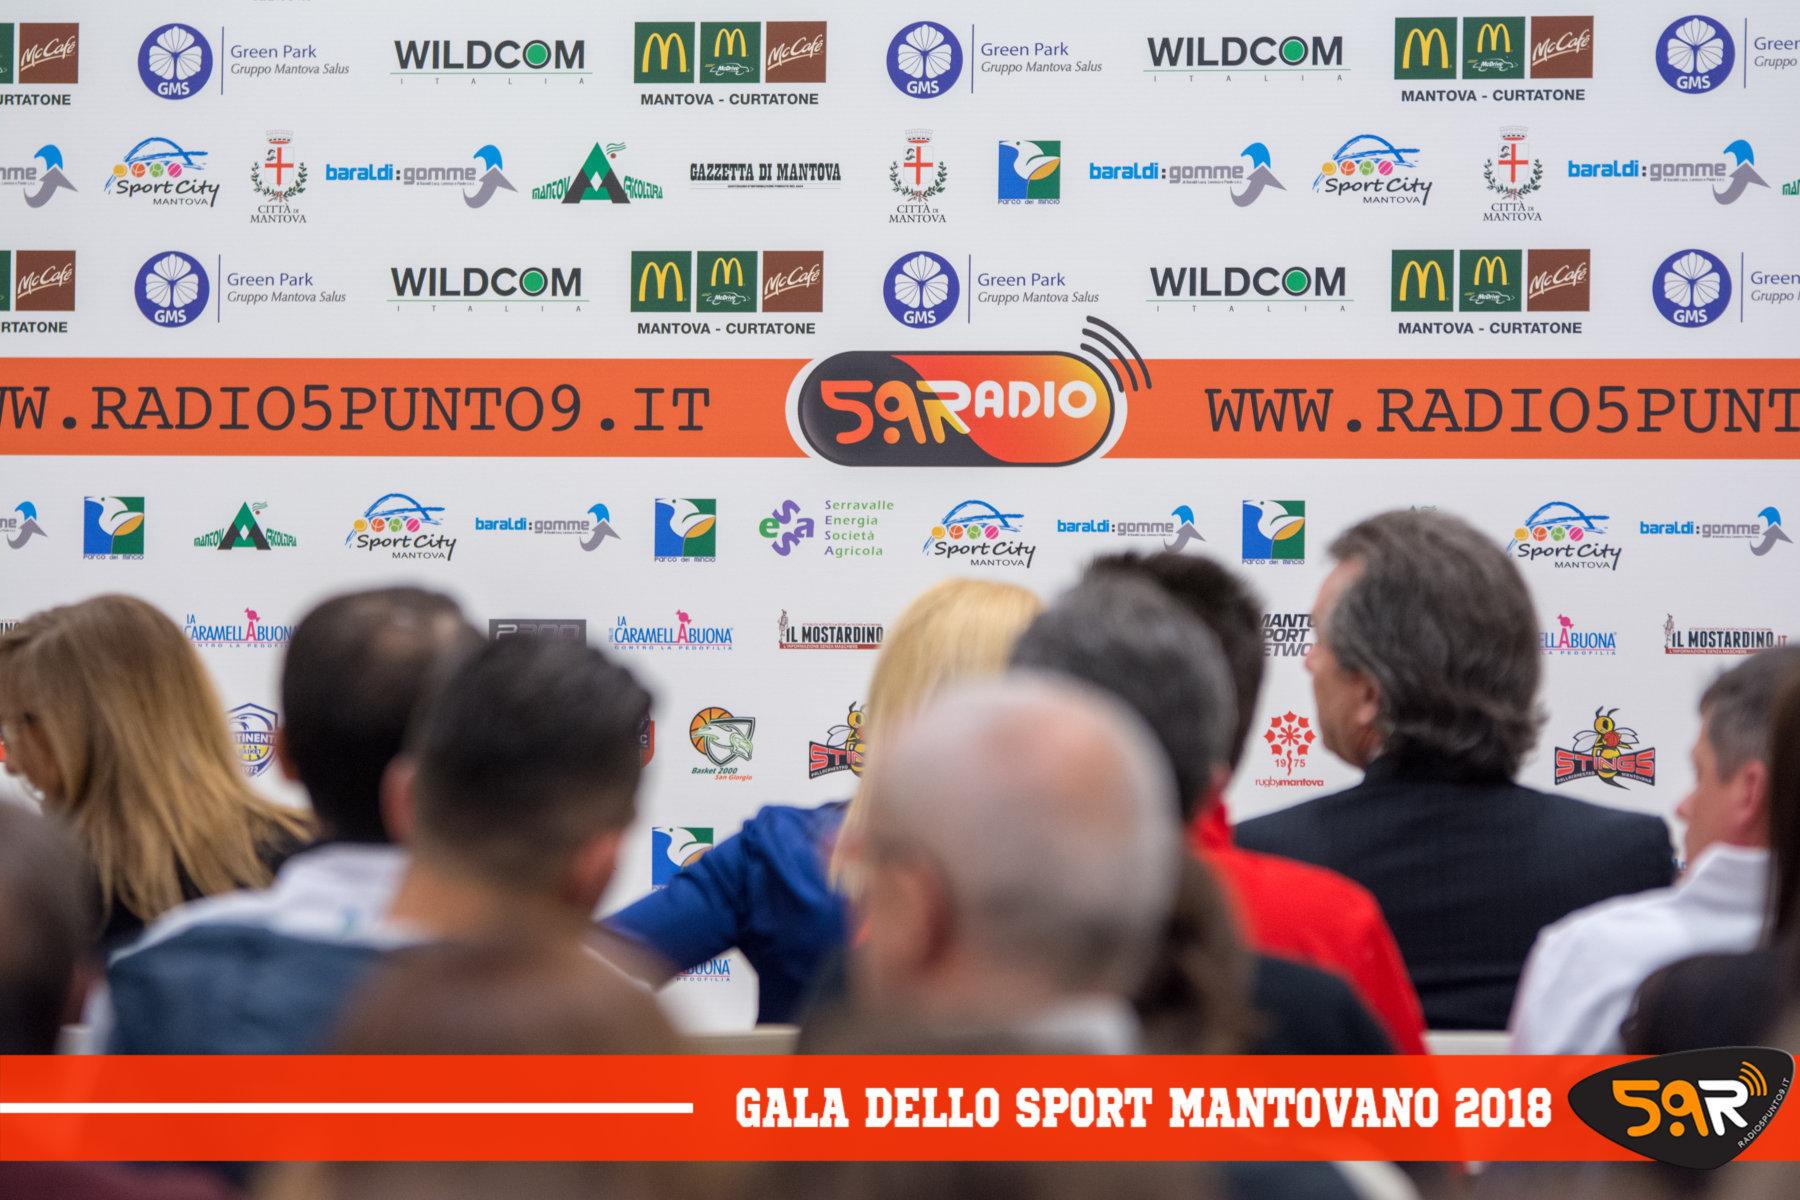 Gala dello Sport Mantovano 2018 Web Radio 5 (66)